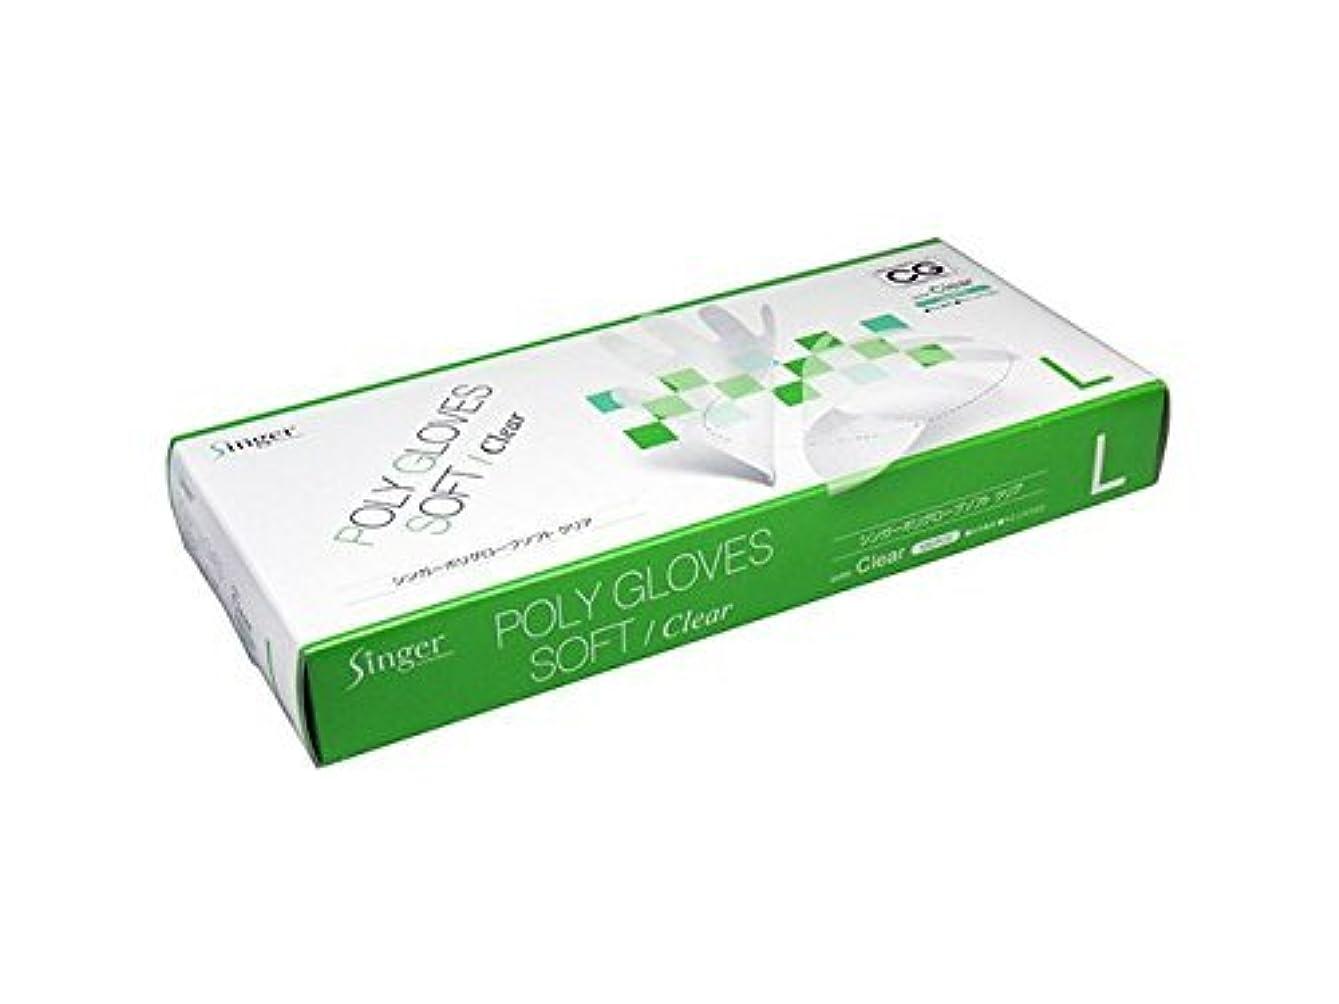 浅い麻酔薬工業用ケース販売 ポリエチレングローブ ポリグローブ ソフト クリア Lサイズ 100枚入×40個